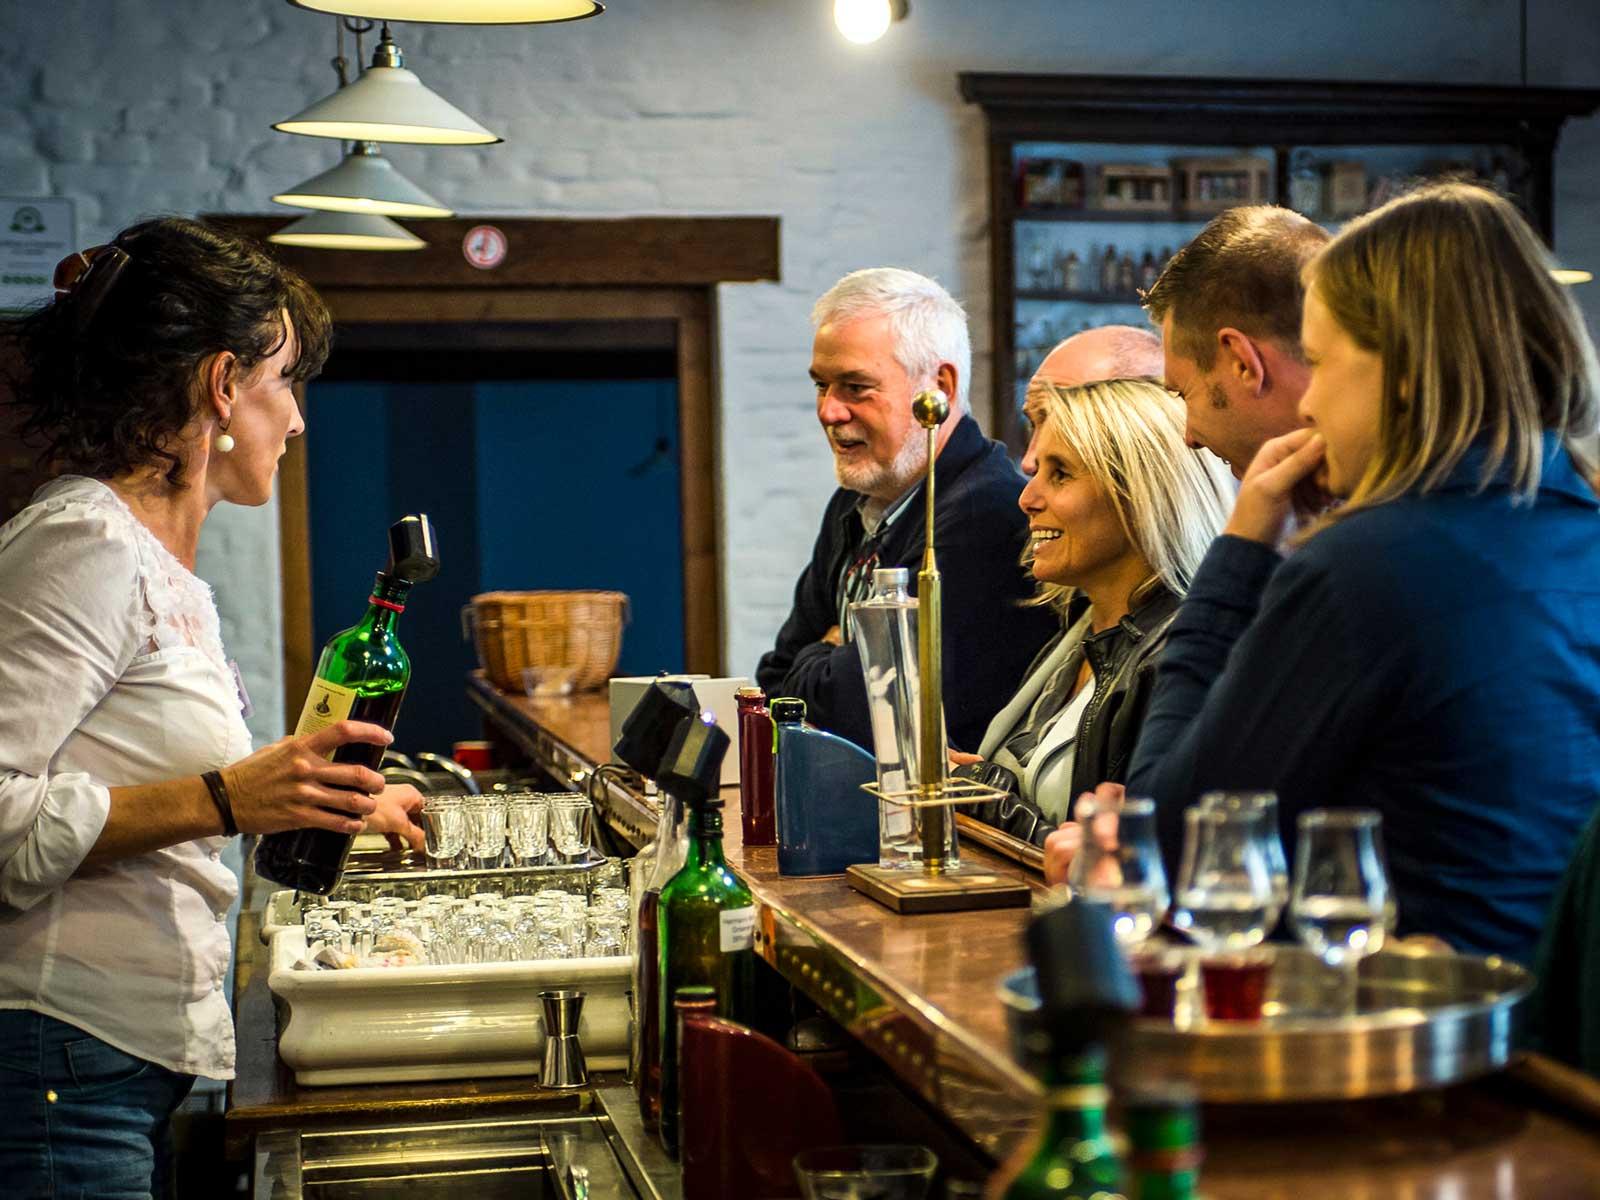 I staden Hasselt finns ett Jenever-museum där man får veta allt om den enbärskryddade spritdrycken som är föregångare till gin.